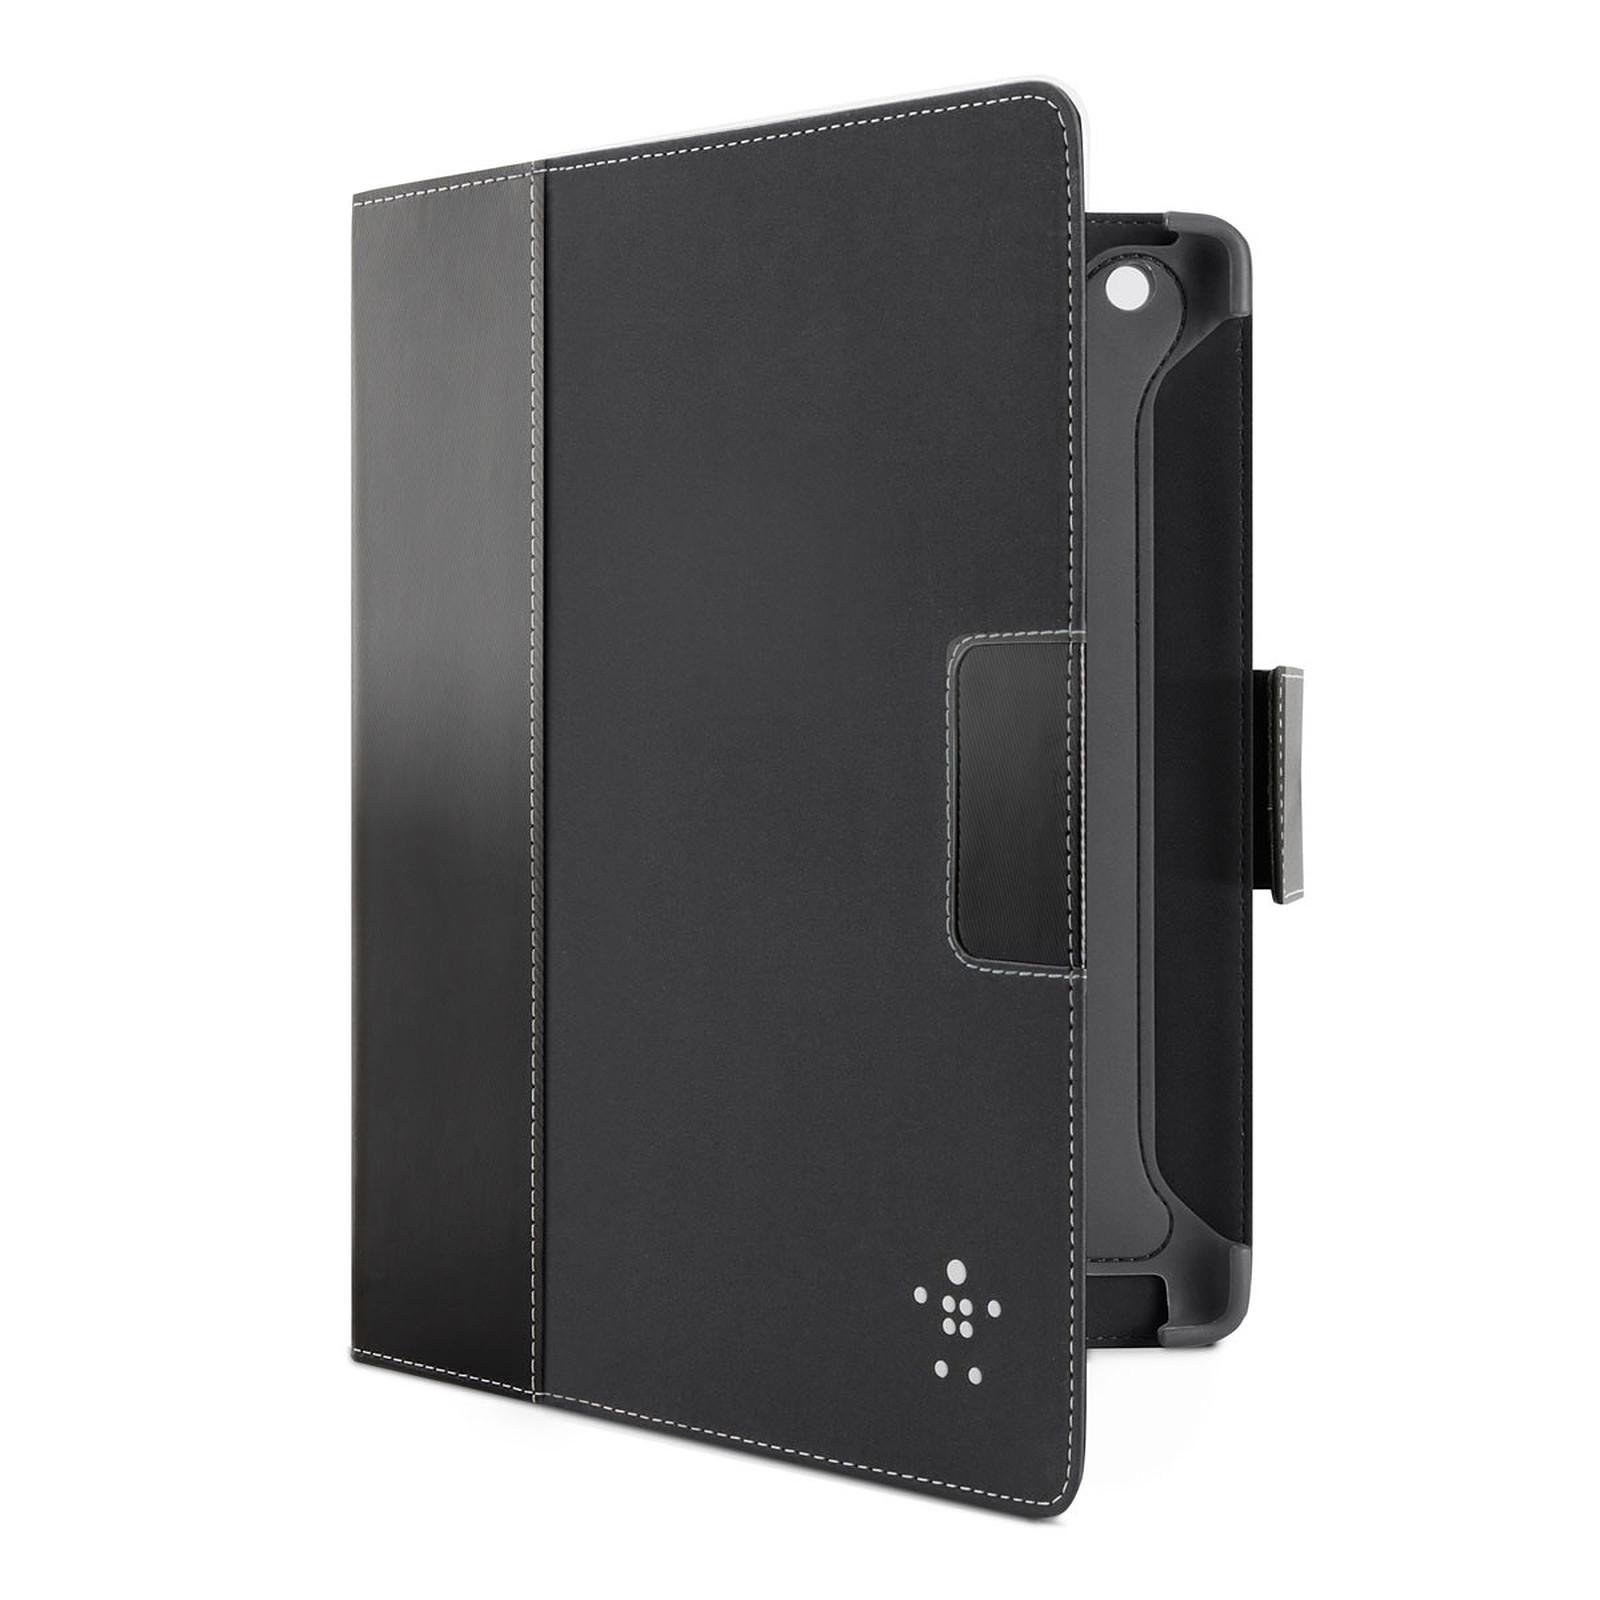 Belkin Cinema Slim pour le Nouvel iPad et l'iPad 2